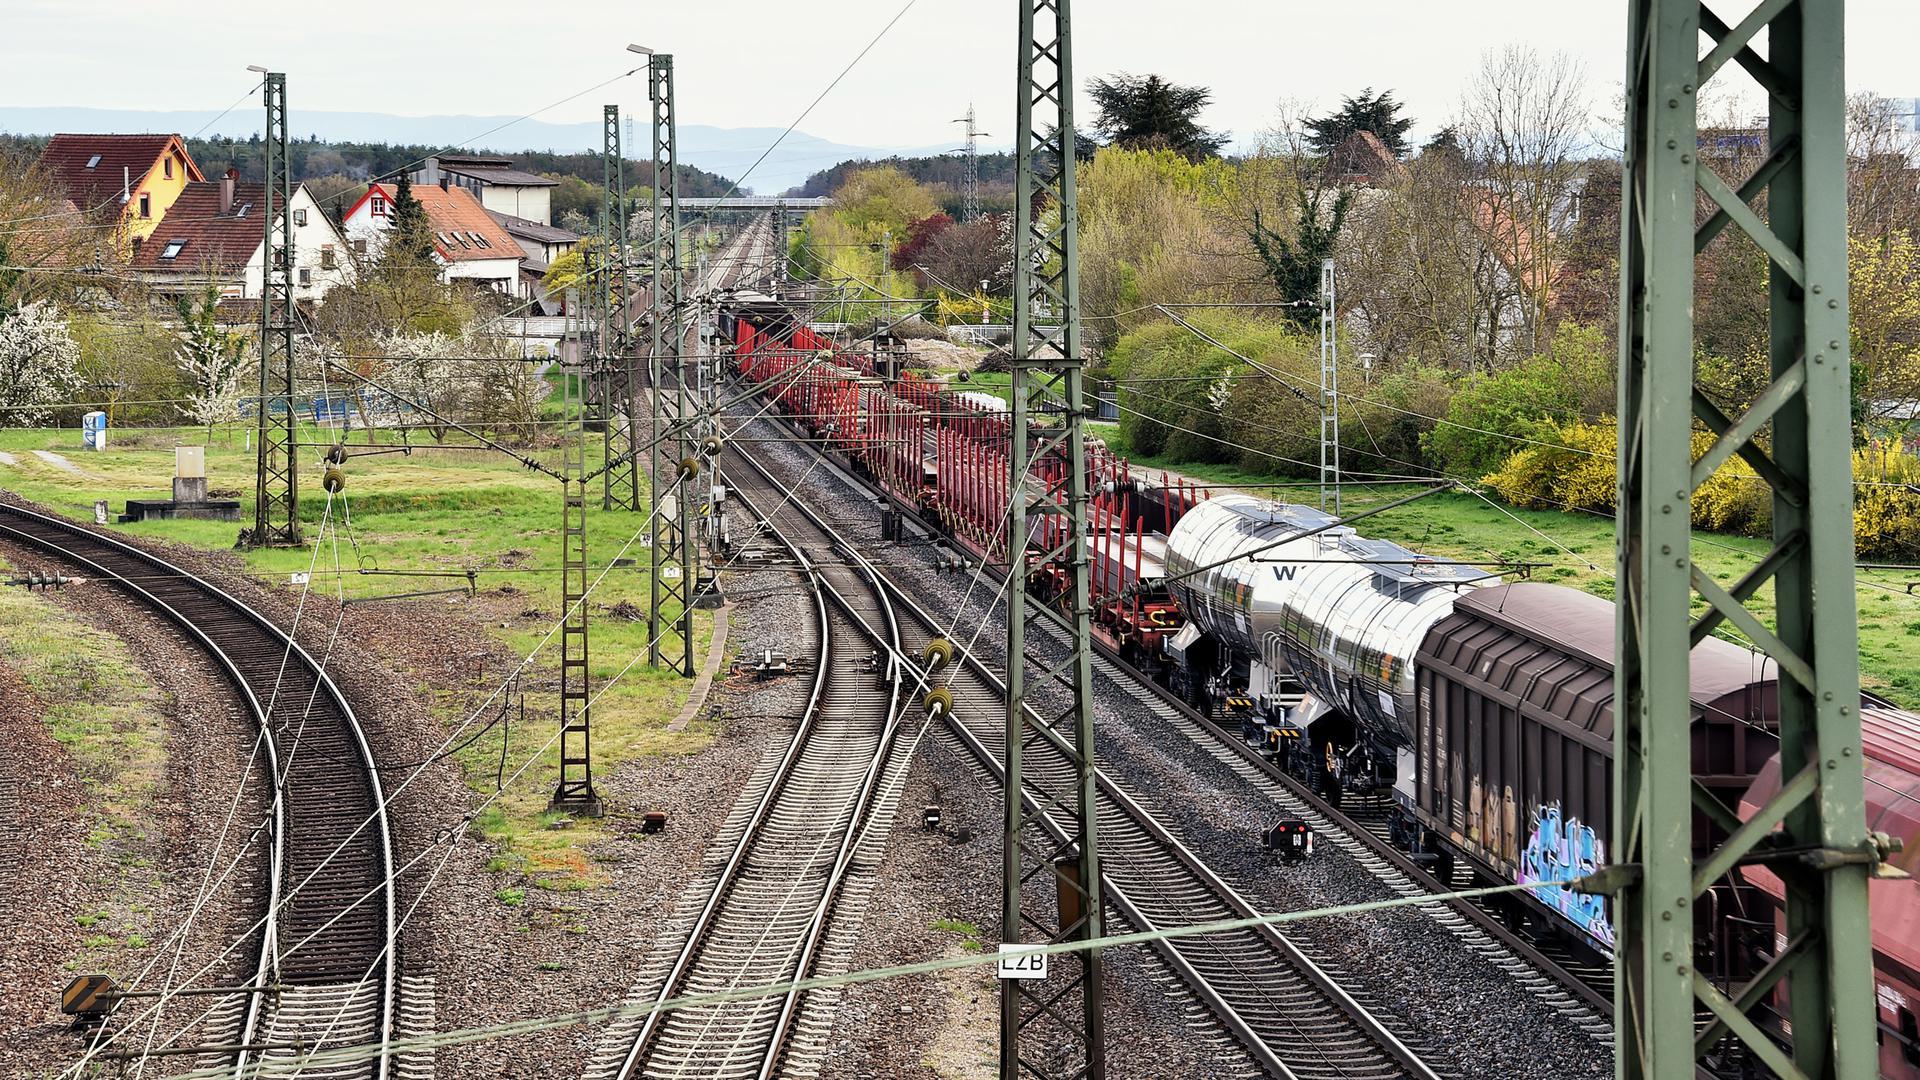 10.04.2021 Schnellbahntrasse Karlsruhe-Mannheim hier bei Graben-Neudorf